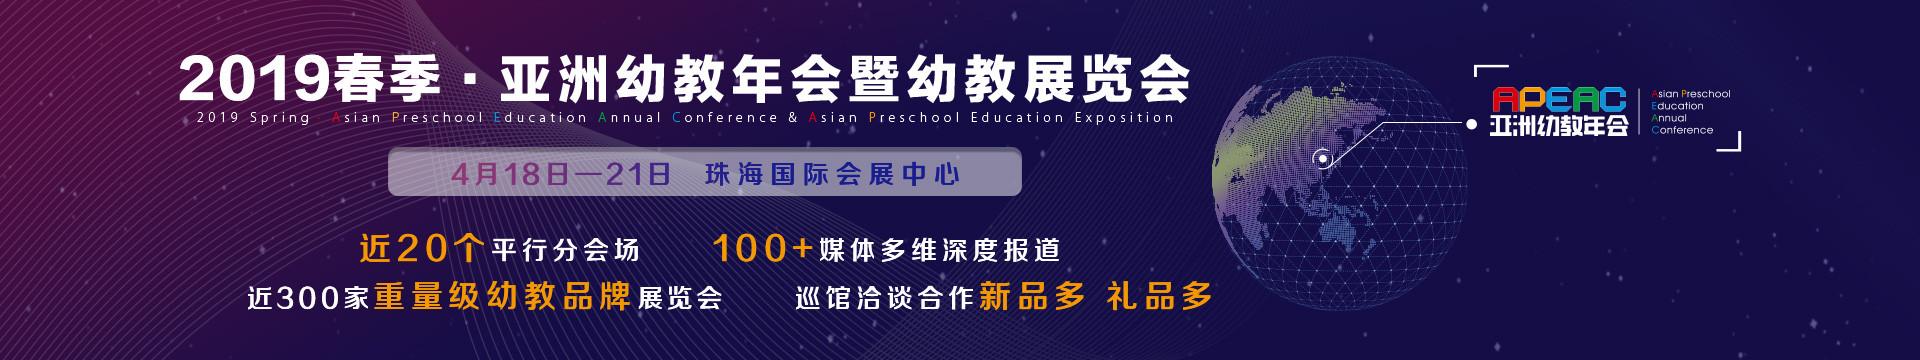 2019年春季亚洲幼教年会暨幼教展览会(珠海)